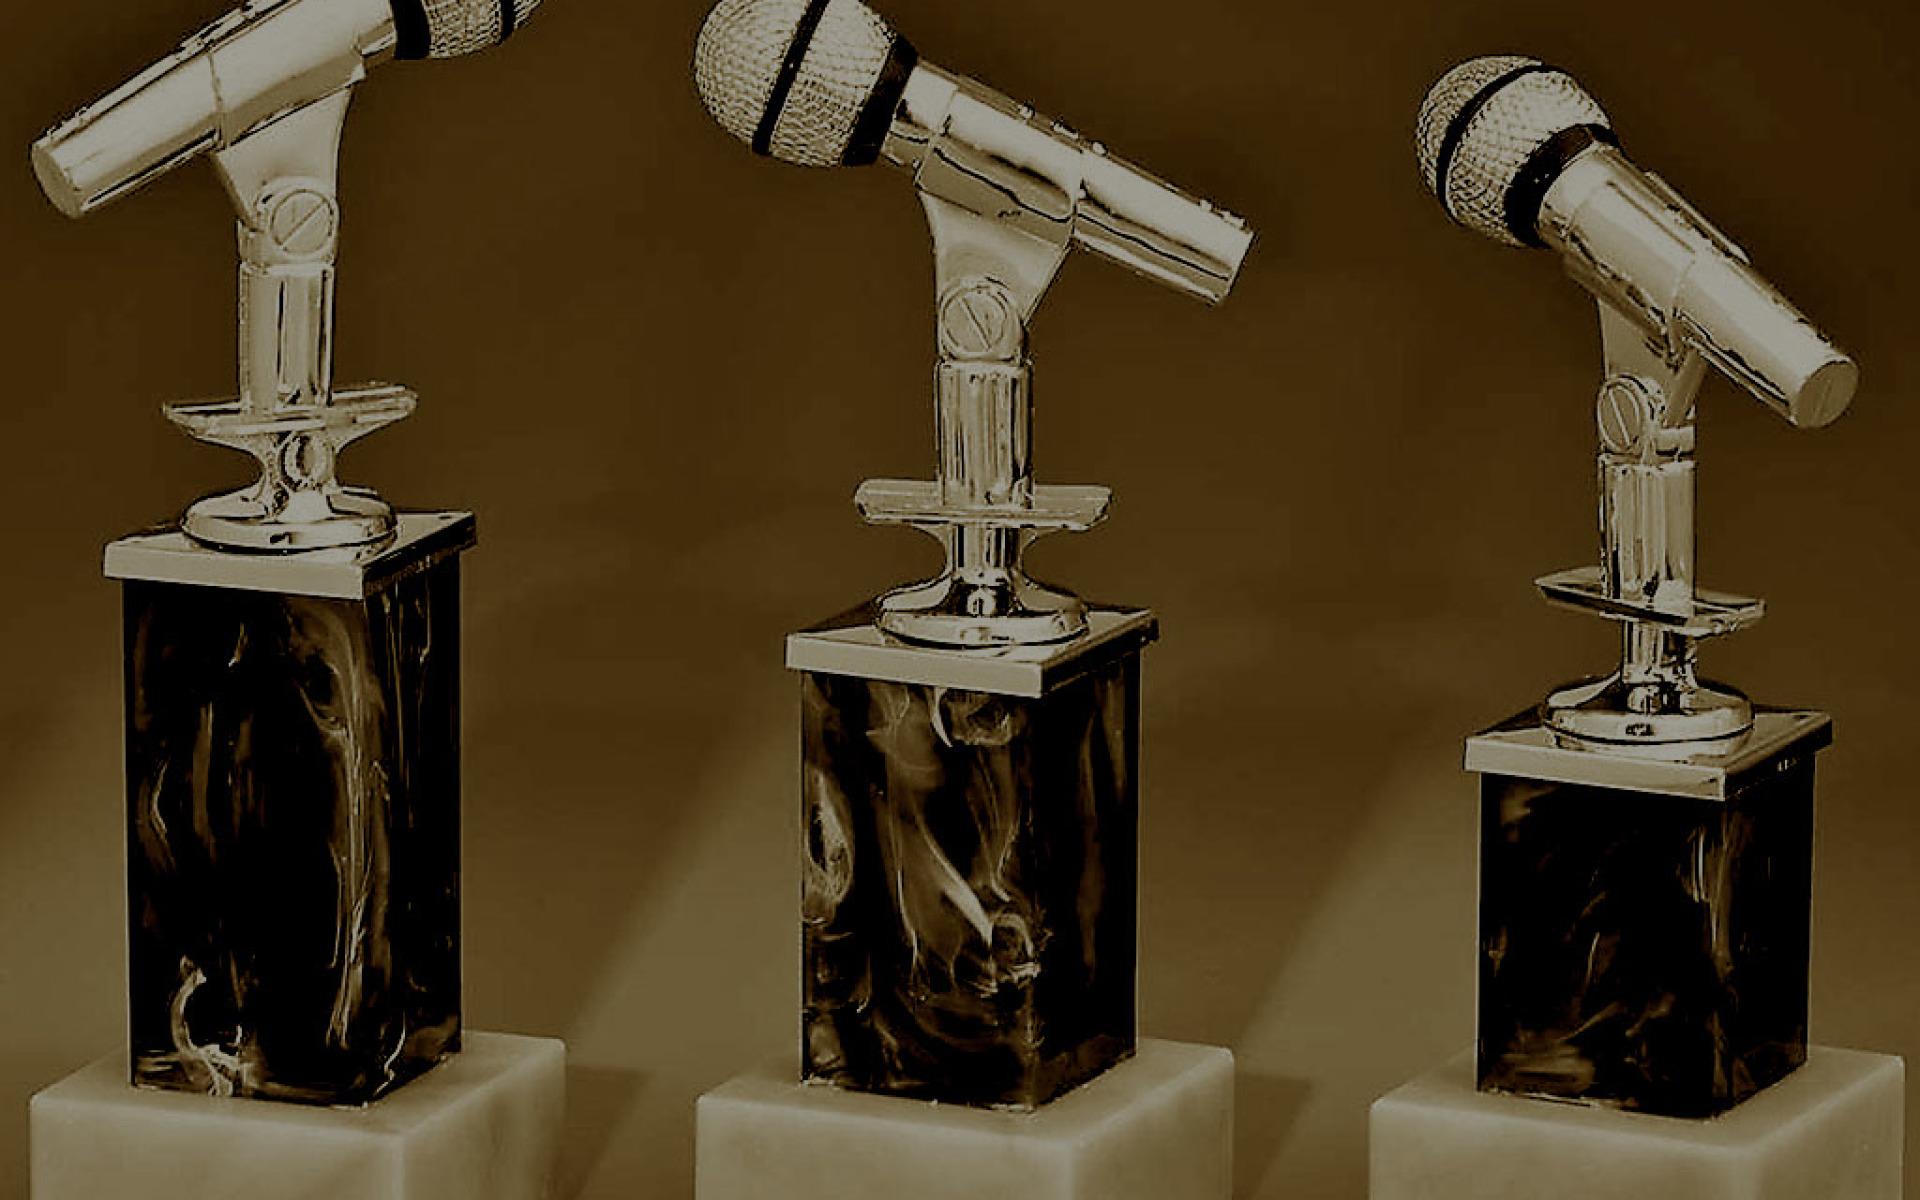 33925-27-mikrofon-blau-trophy